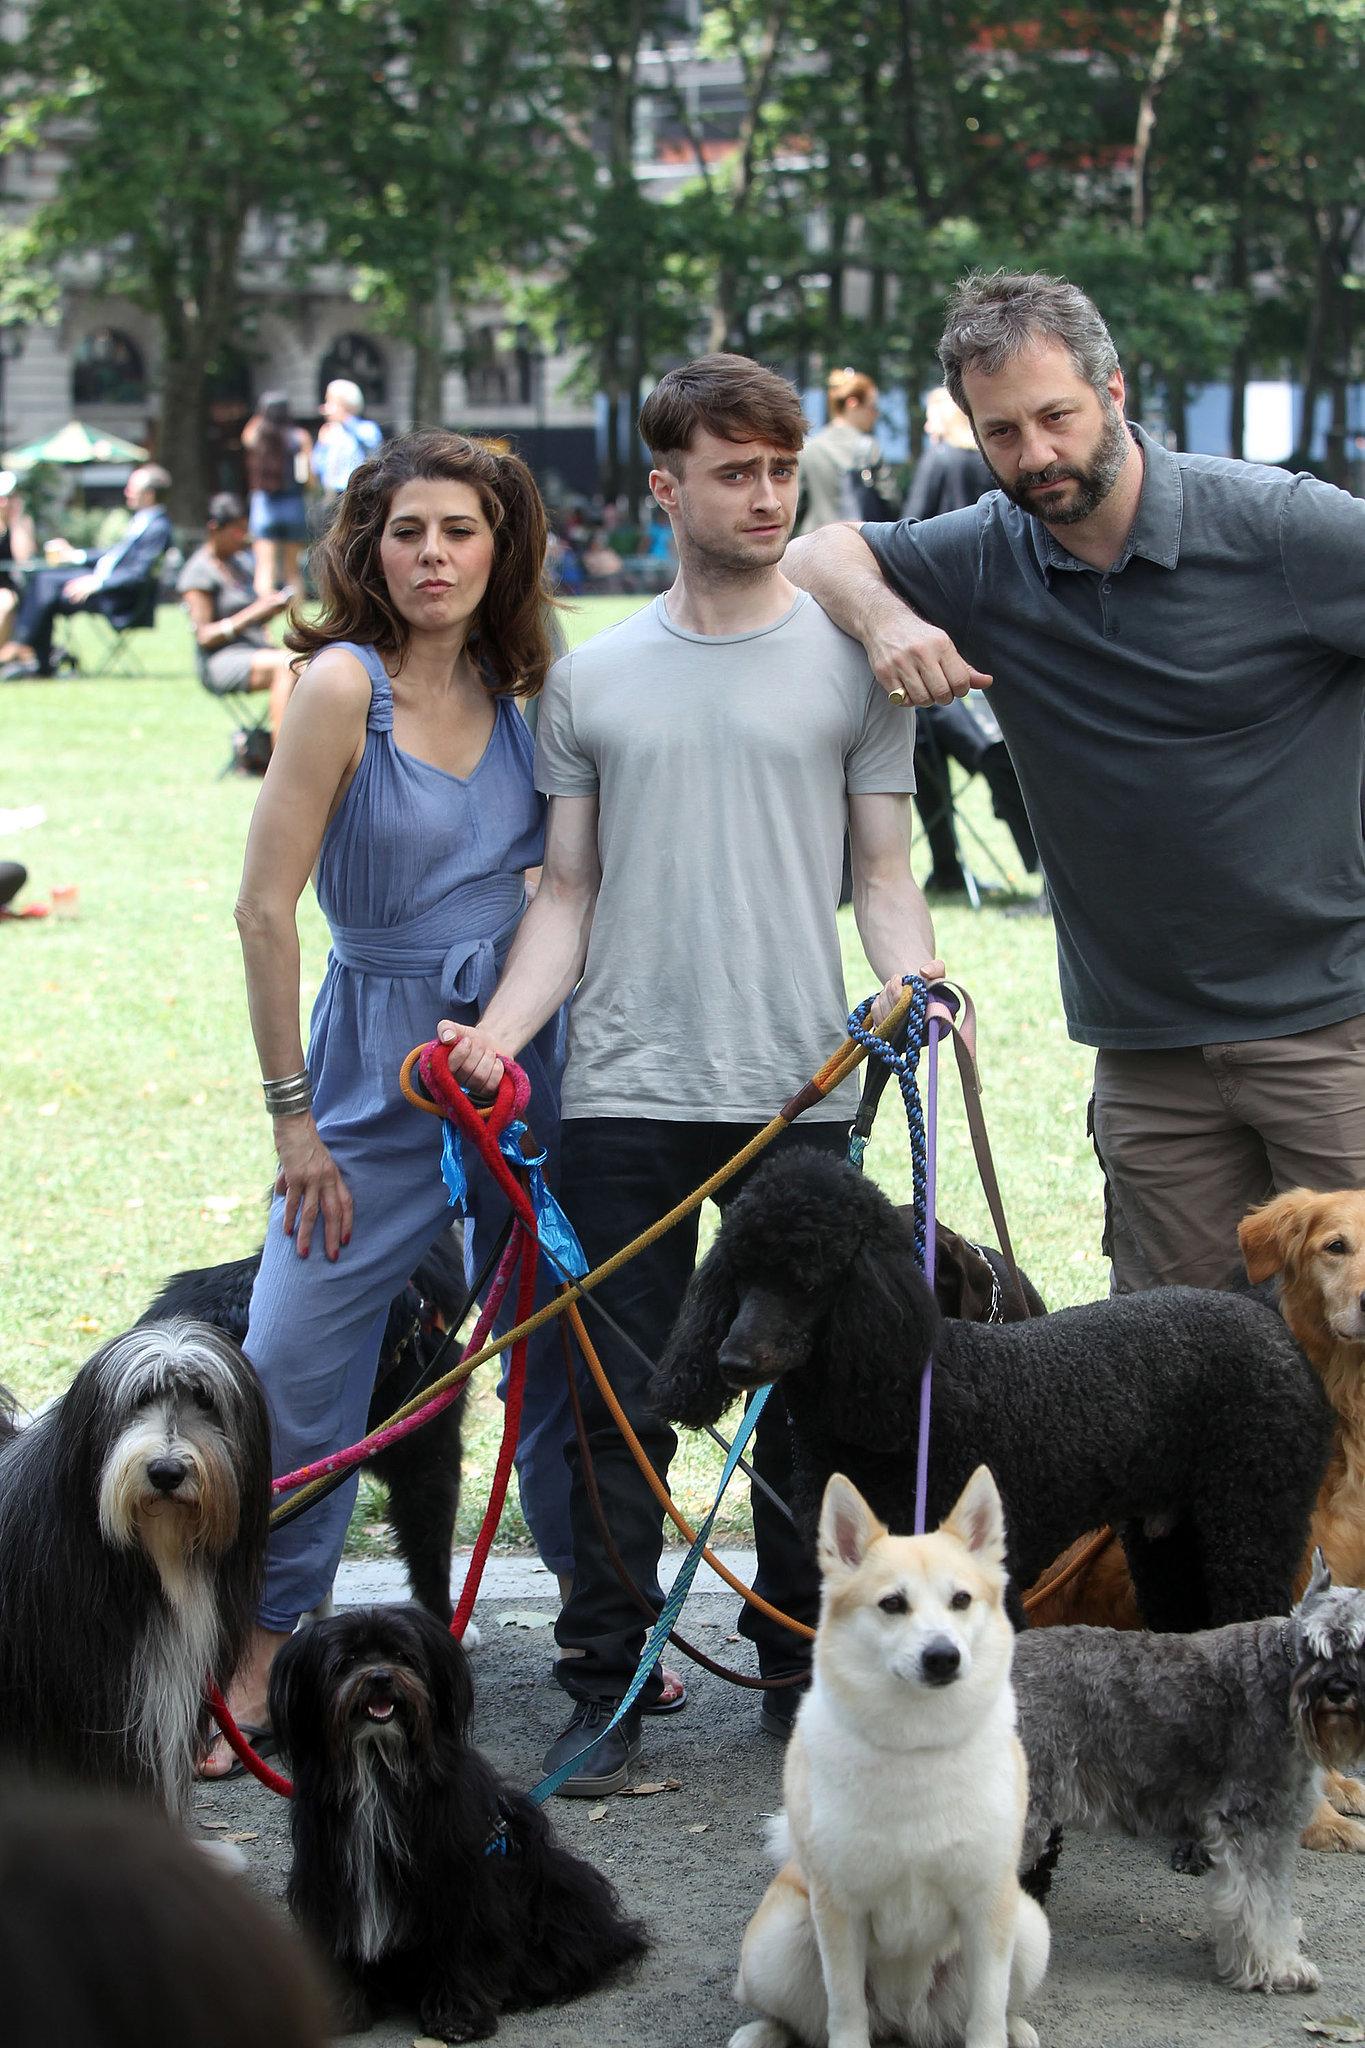 Рэдклифф дэниел фильм с собаками гарри поттер персонажи вики